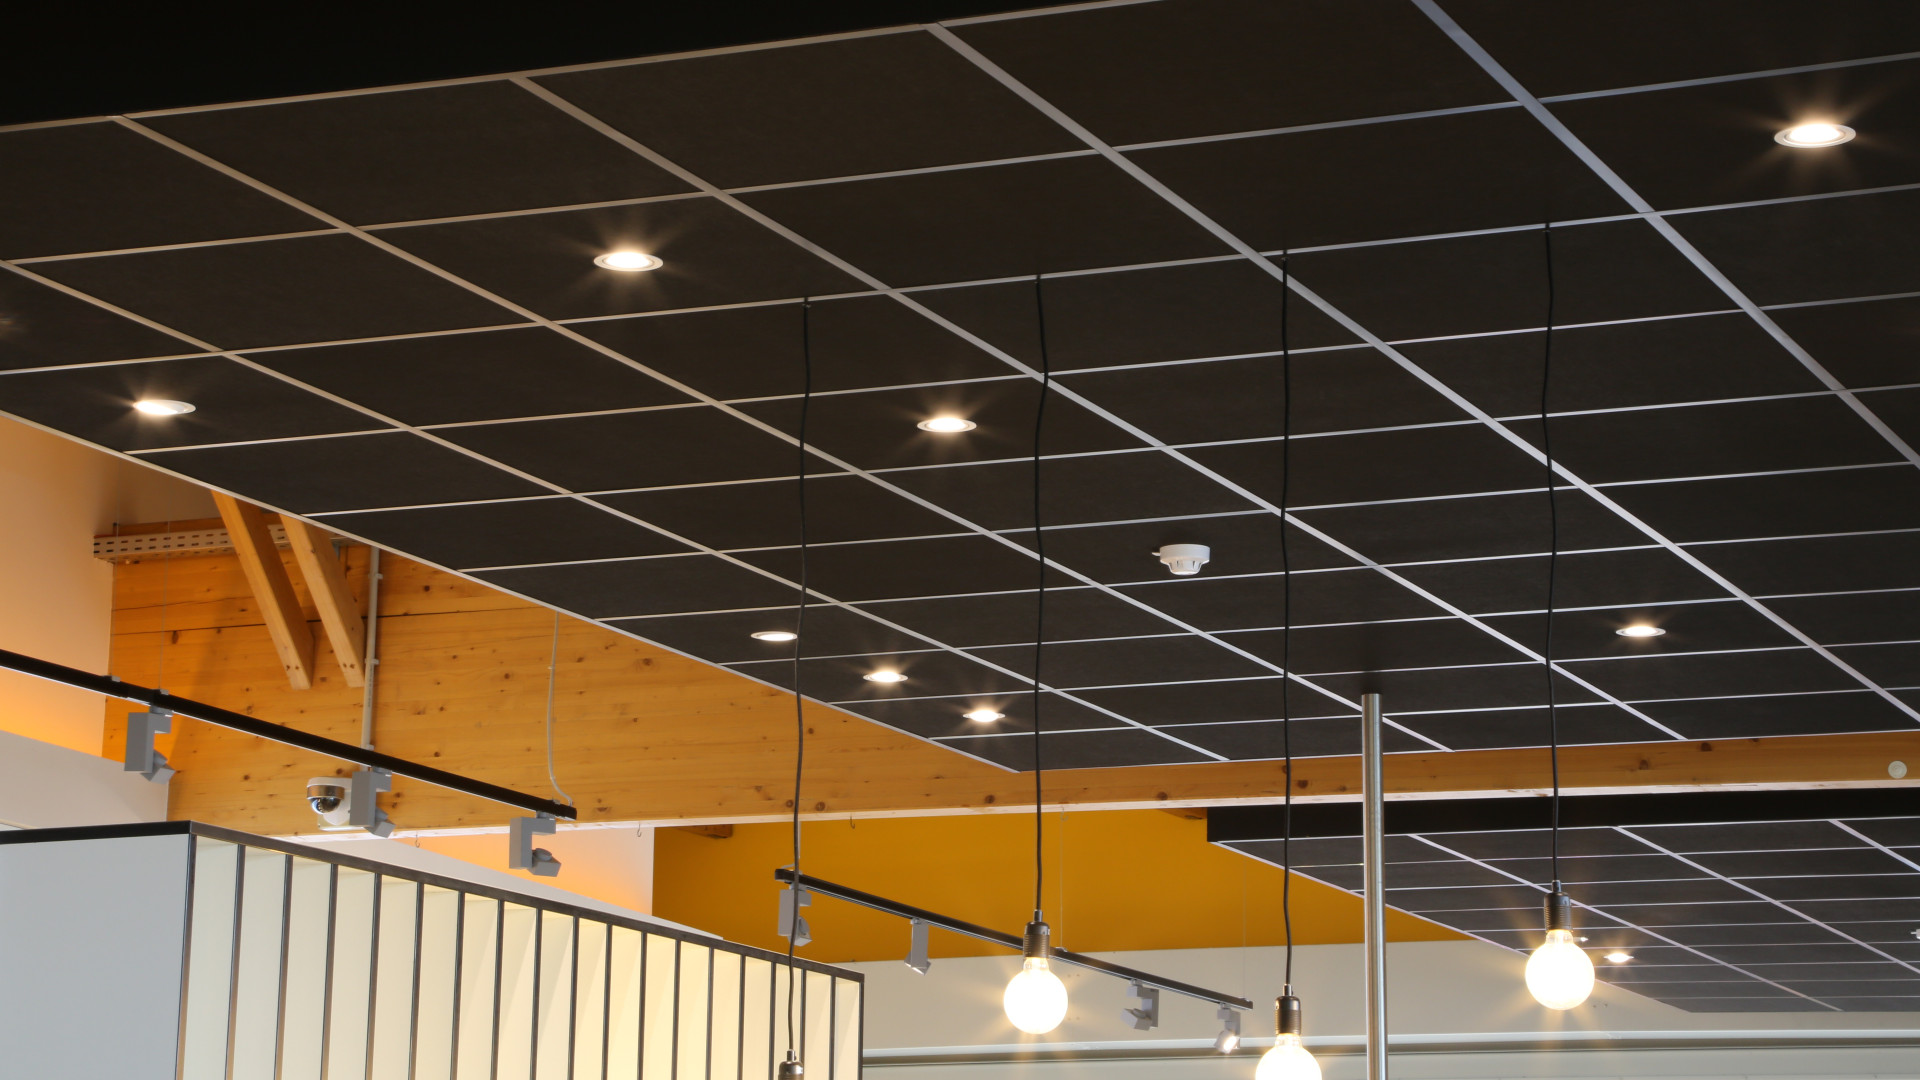 Faux Plafond Suspendu En Dalles Isolantes bamolux pose votre plafond suspendu au luxembourg